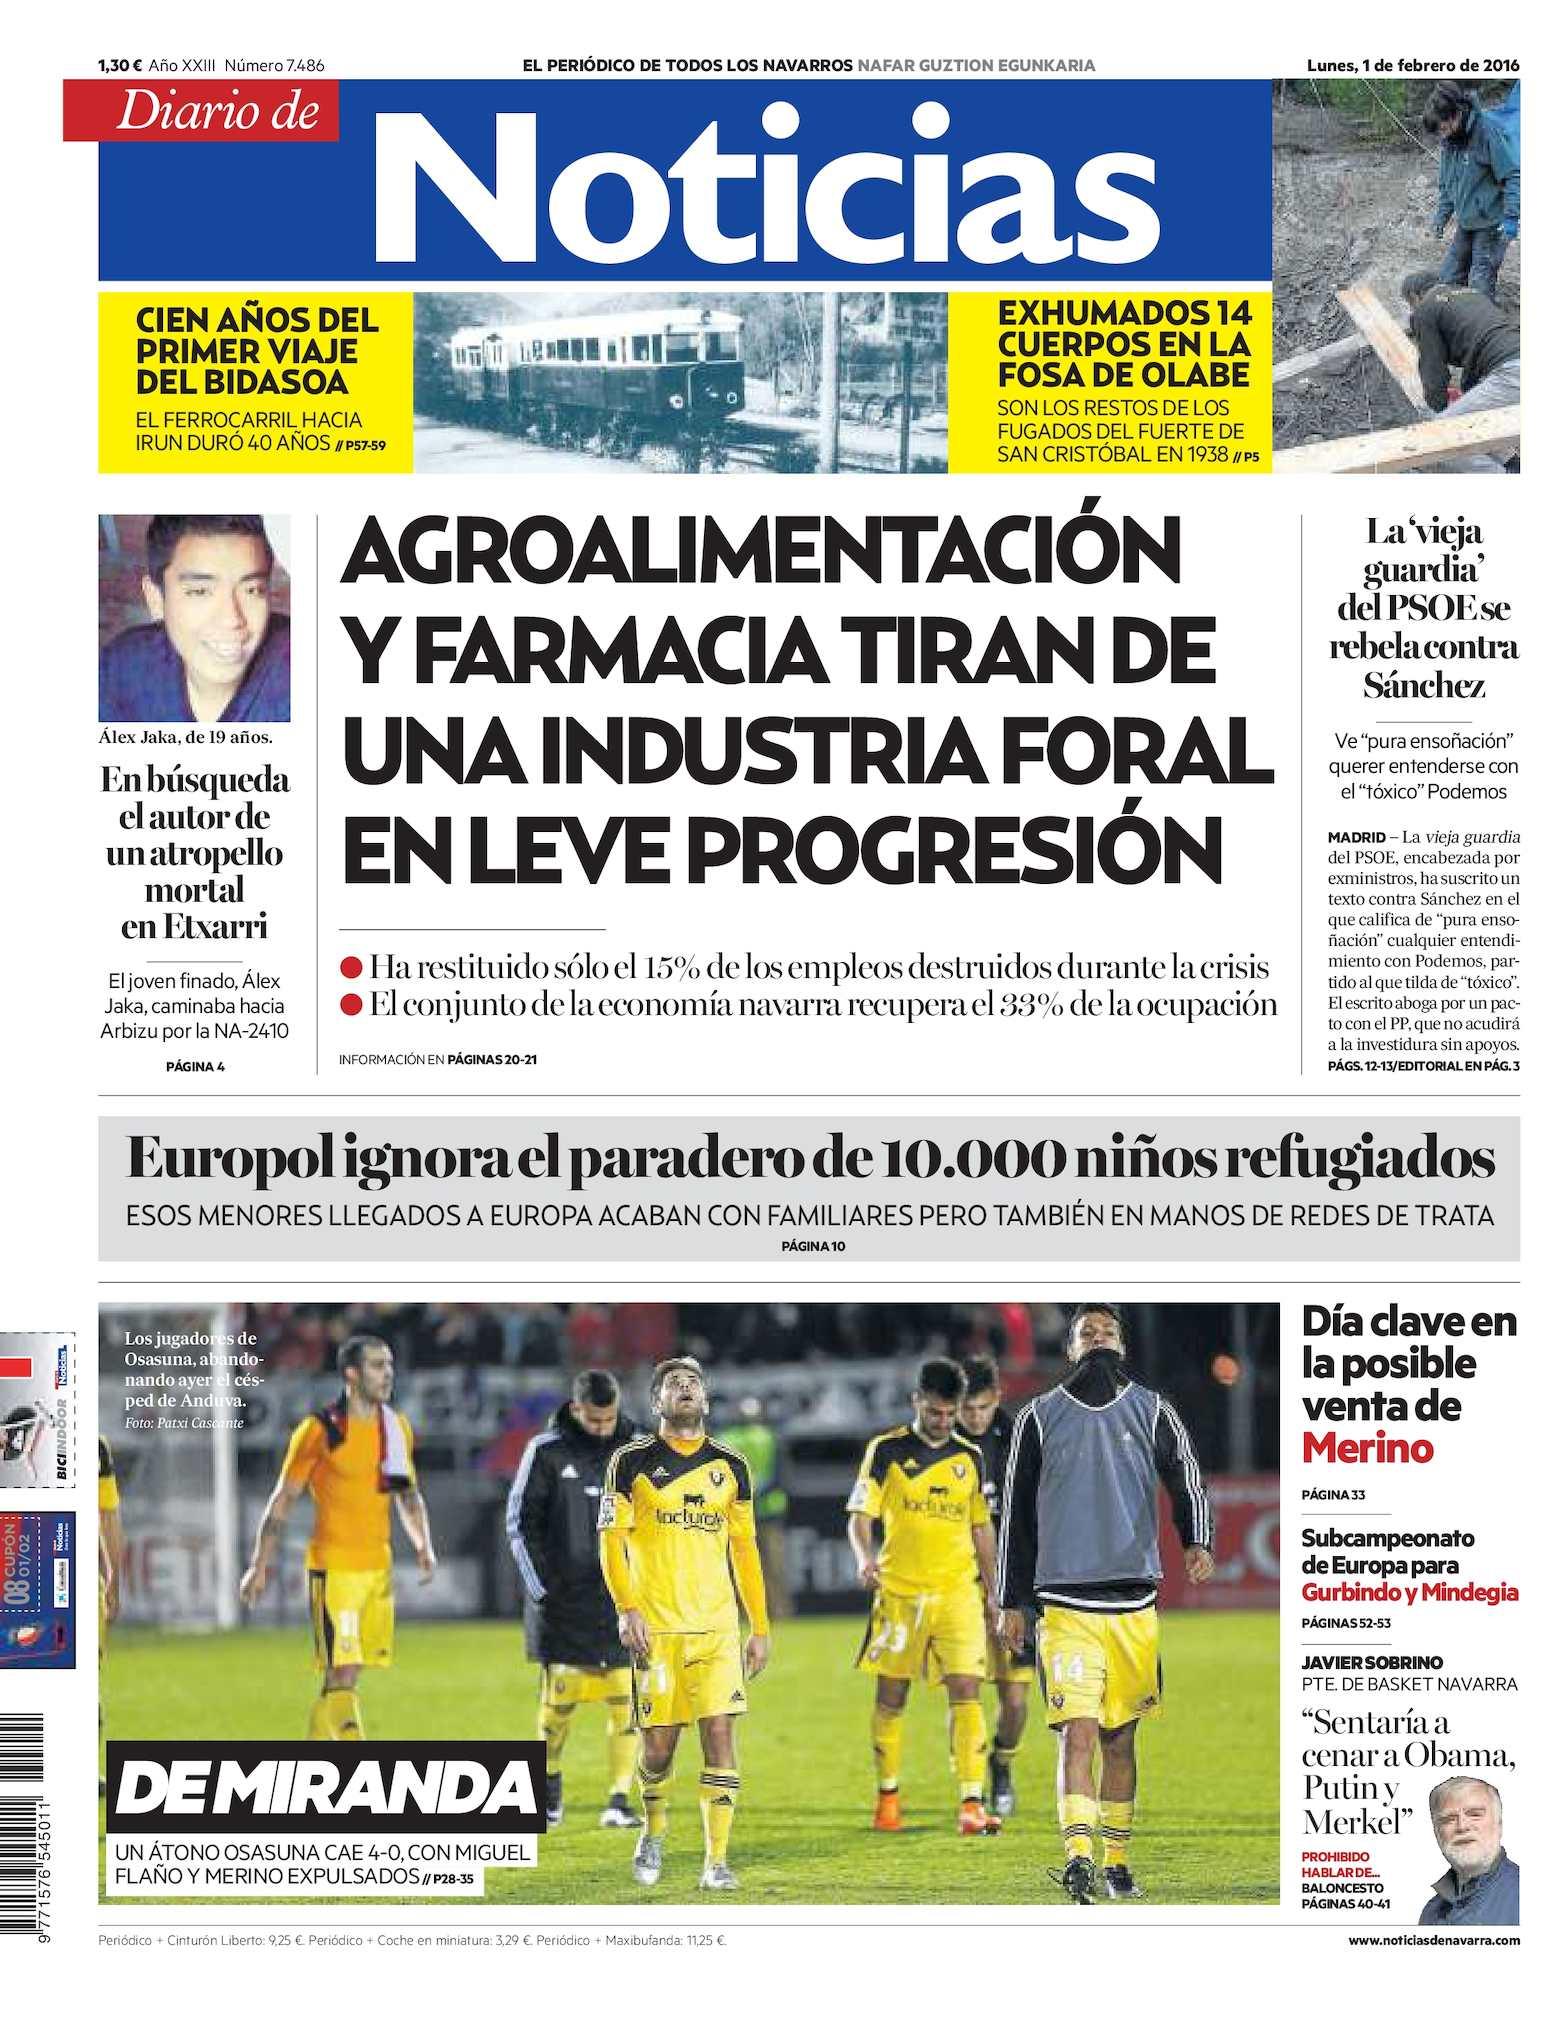 Calaméo - Diario de Noticias 20160201